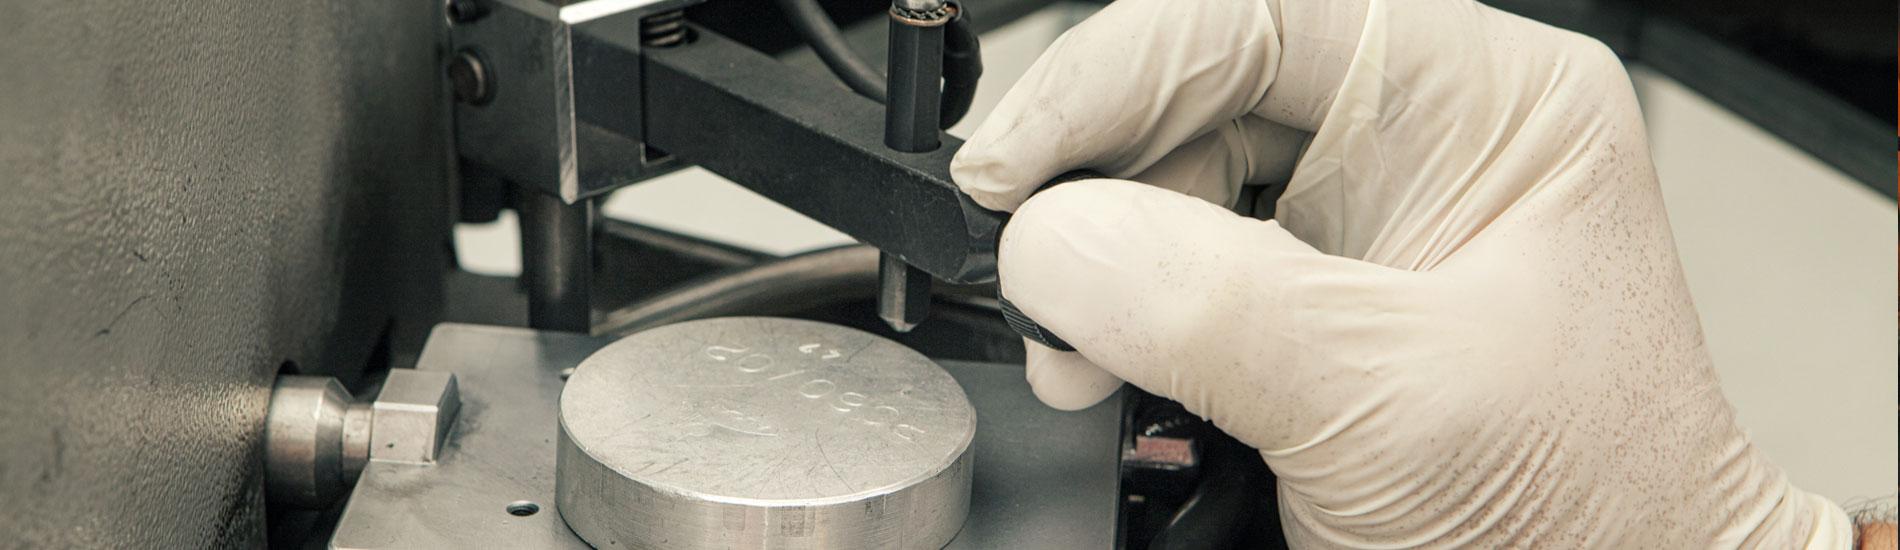 Analisi in laboratorio di controllo - Fometal - Fonderia alluminio, leghe madri e affini